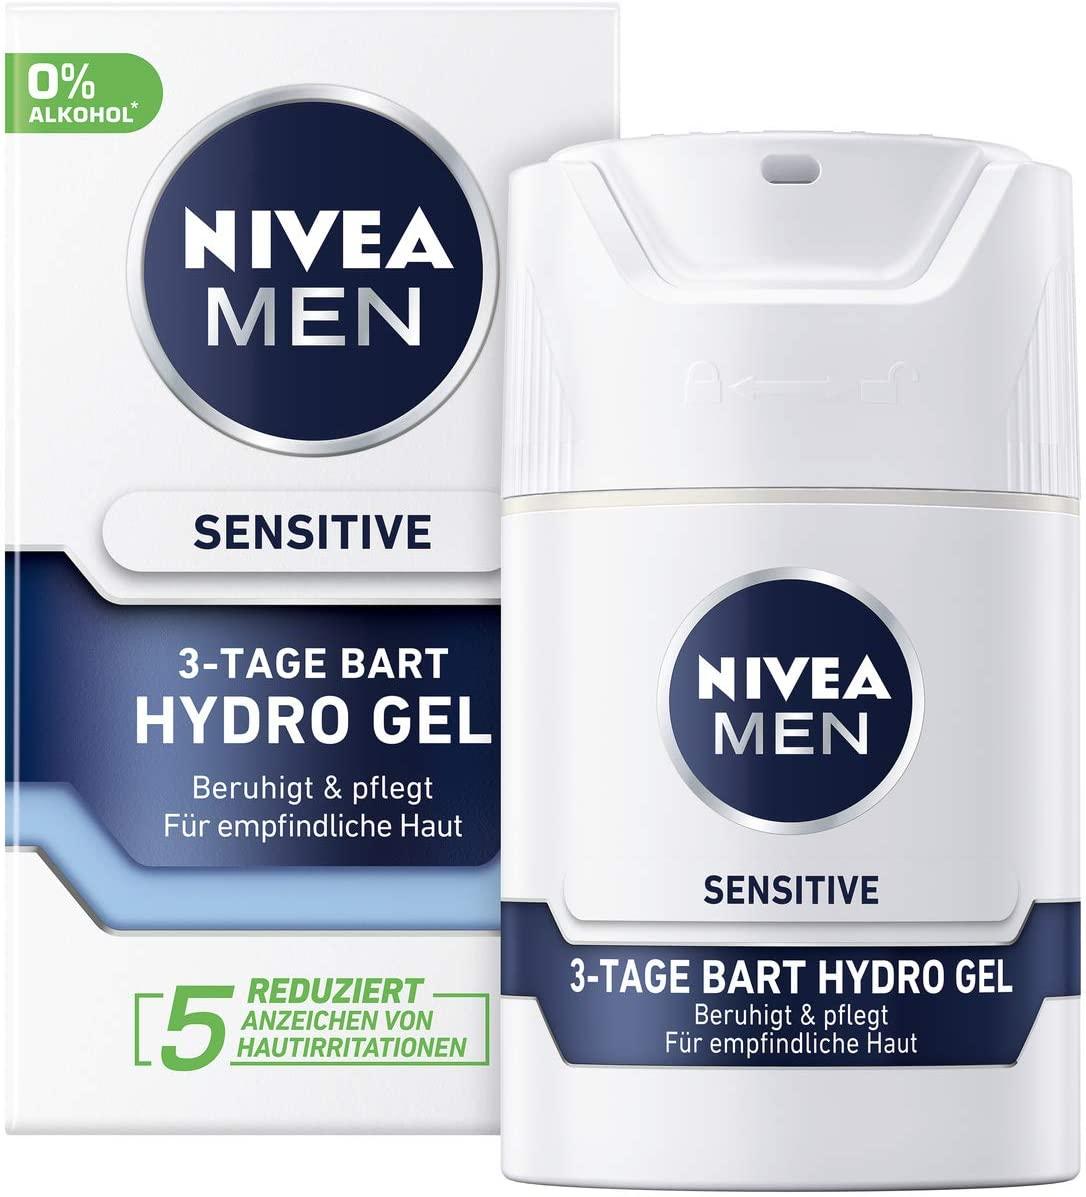 Nivea Men Sammeldeal: z.B. 2xSensitive 3-Tage Bart Hydro Gel je 50ml oder 6x Rasierschaum für 9,68€ [Amazon Prime]